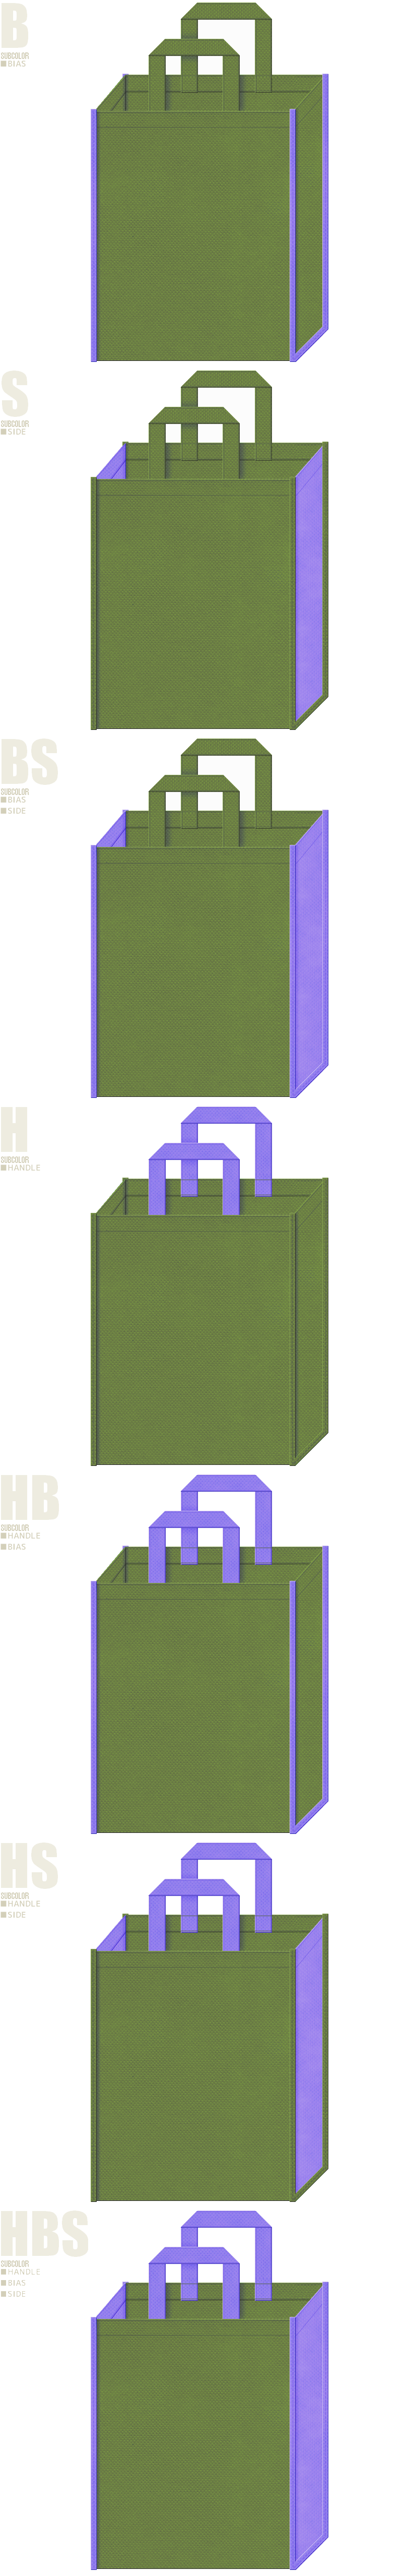 邦楽演奏会・花菖蒲・生け花・華道の展覧会用バッグにお奨めの不織布バッグデザイン:草色と薄紫色の不織布バッグ配色7パターン。